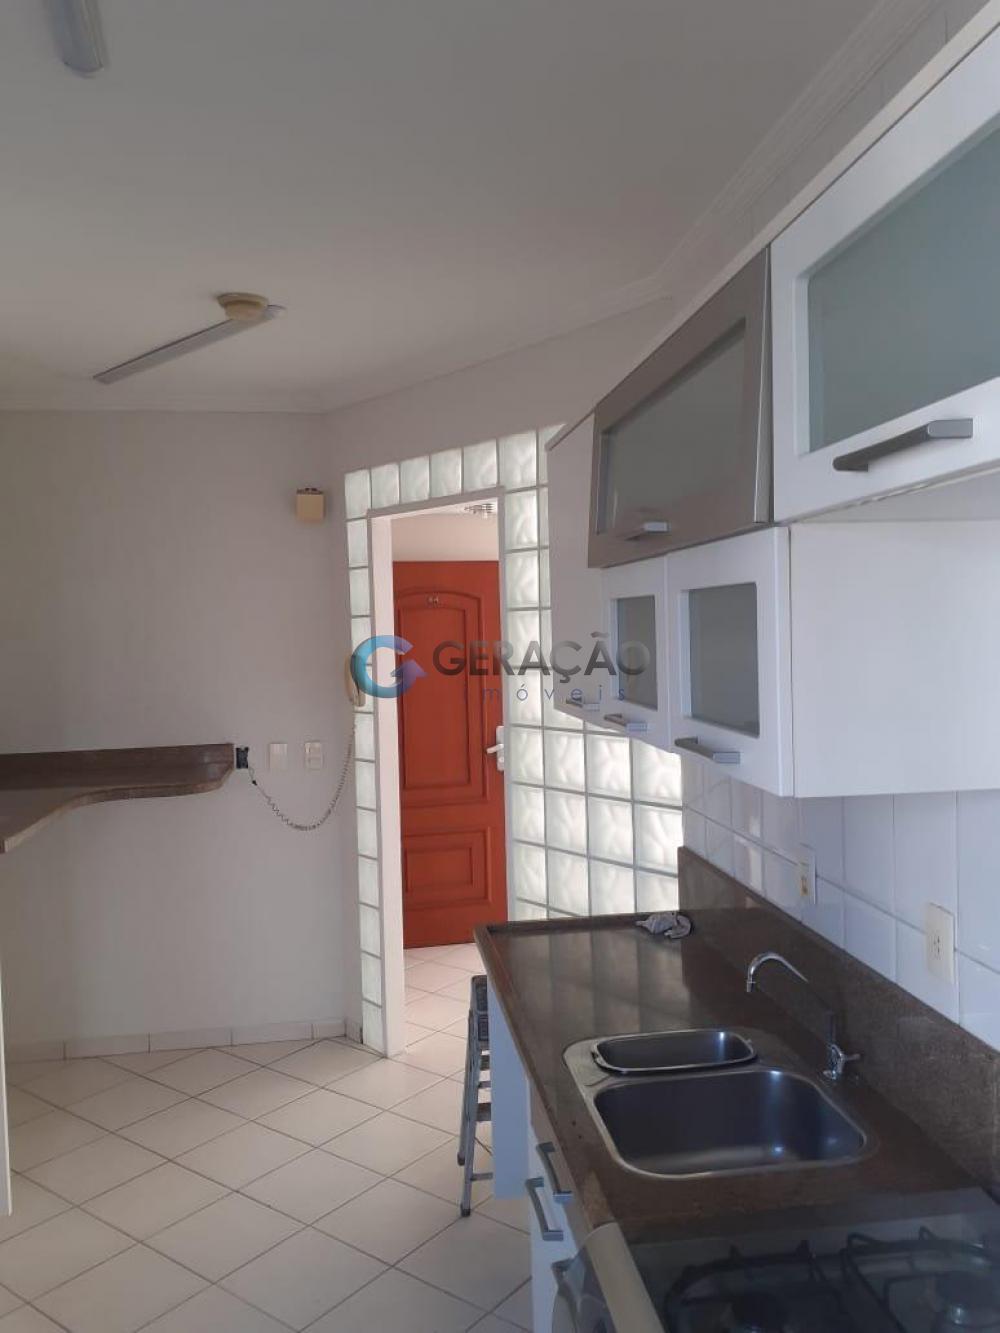 Alugar Apartamento / Padrão em São José dos Campos apenas R$ 1.650,00 - Foto 7